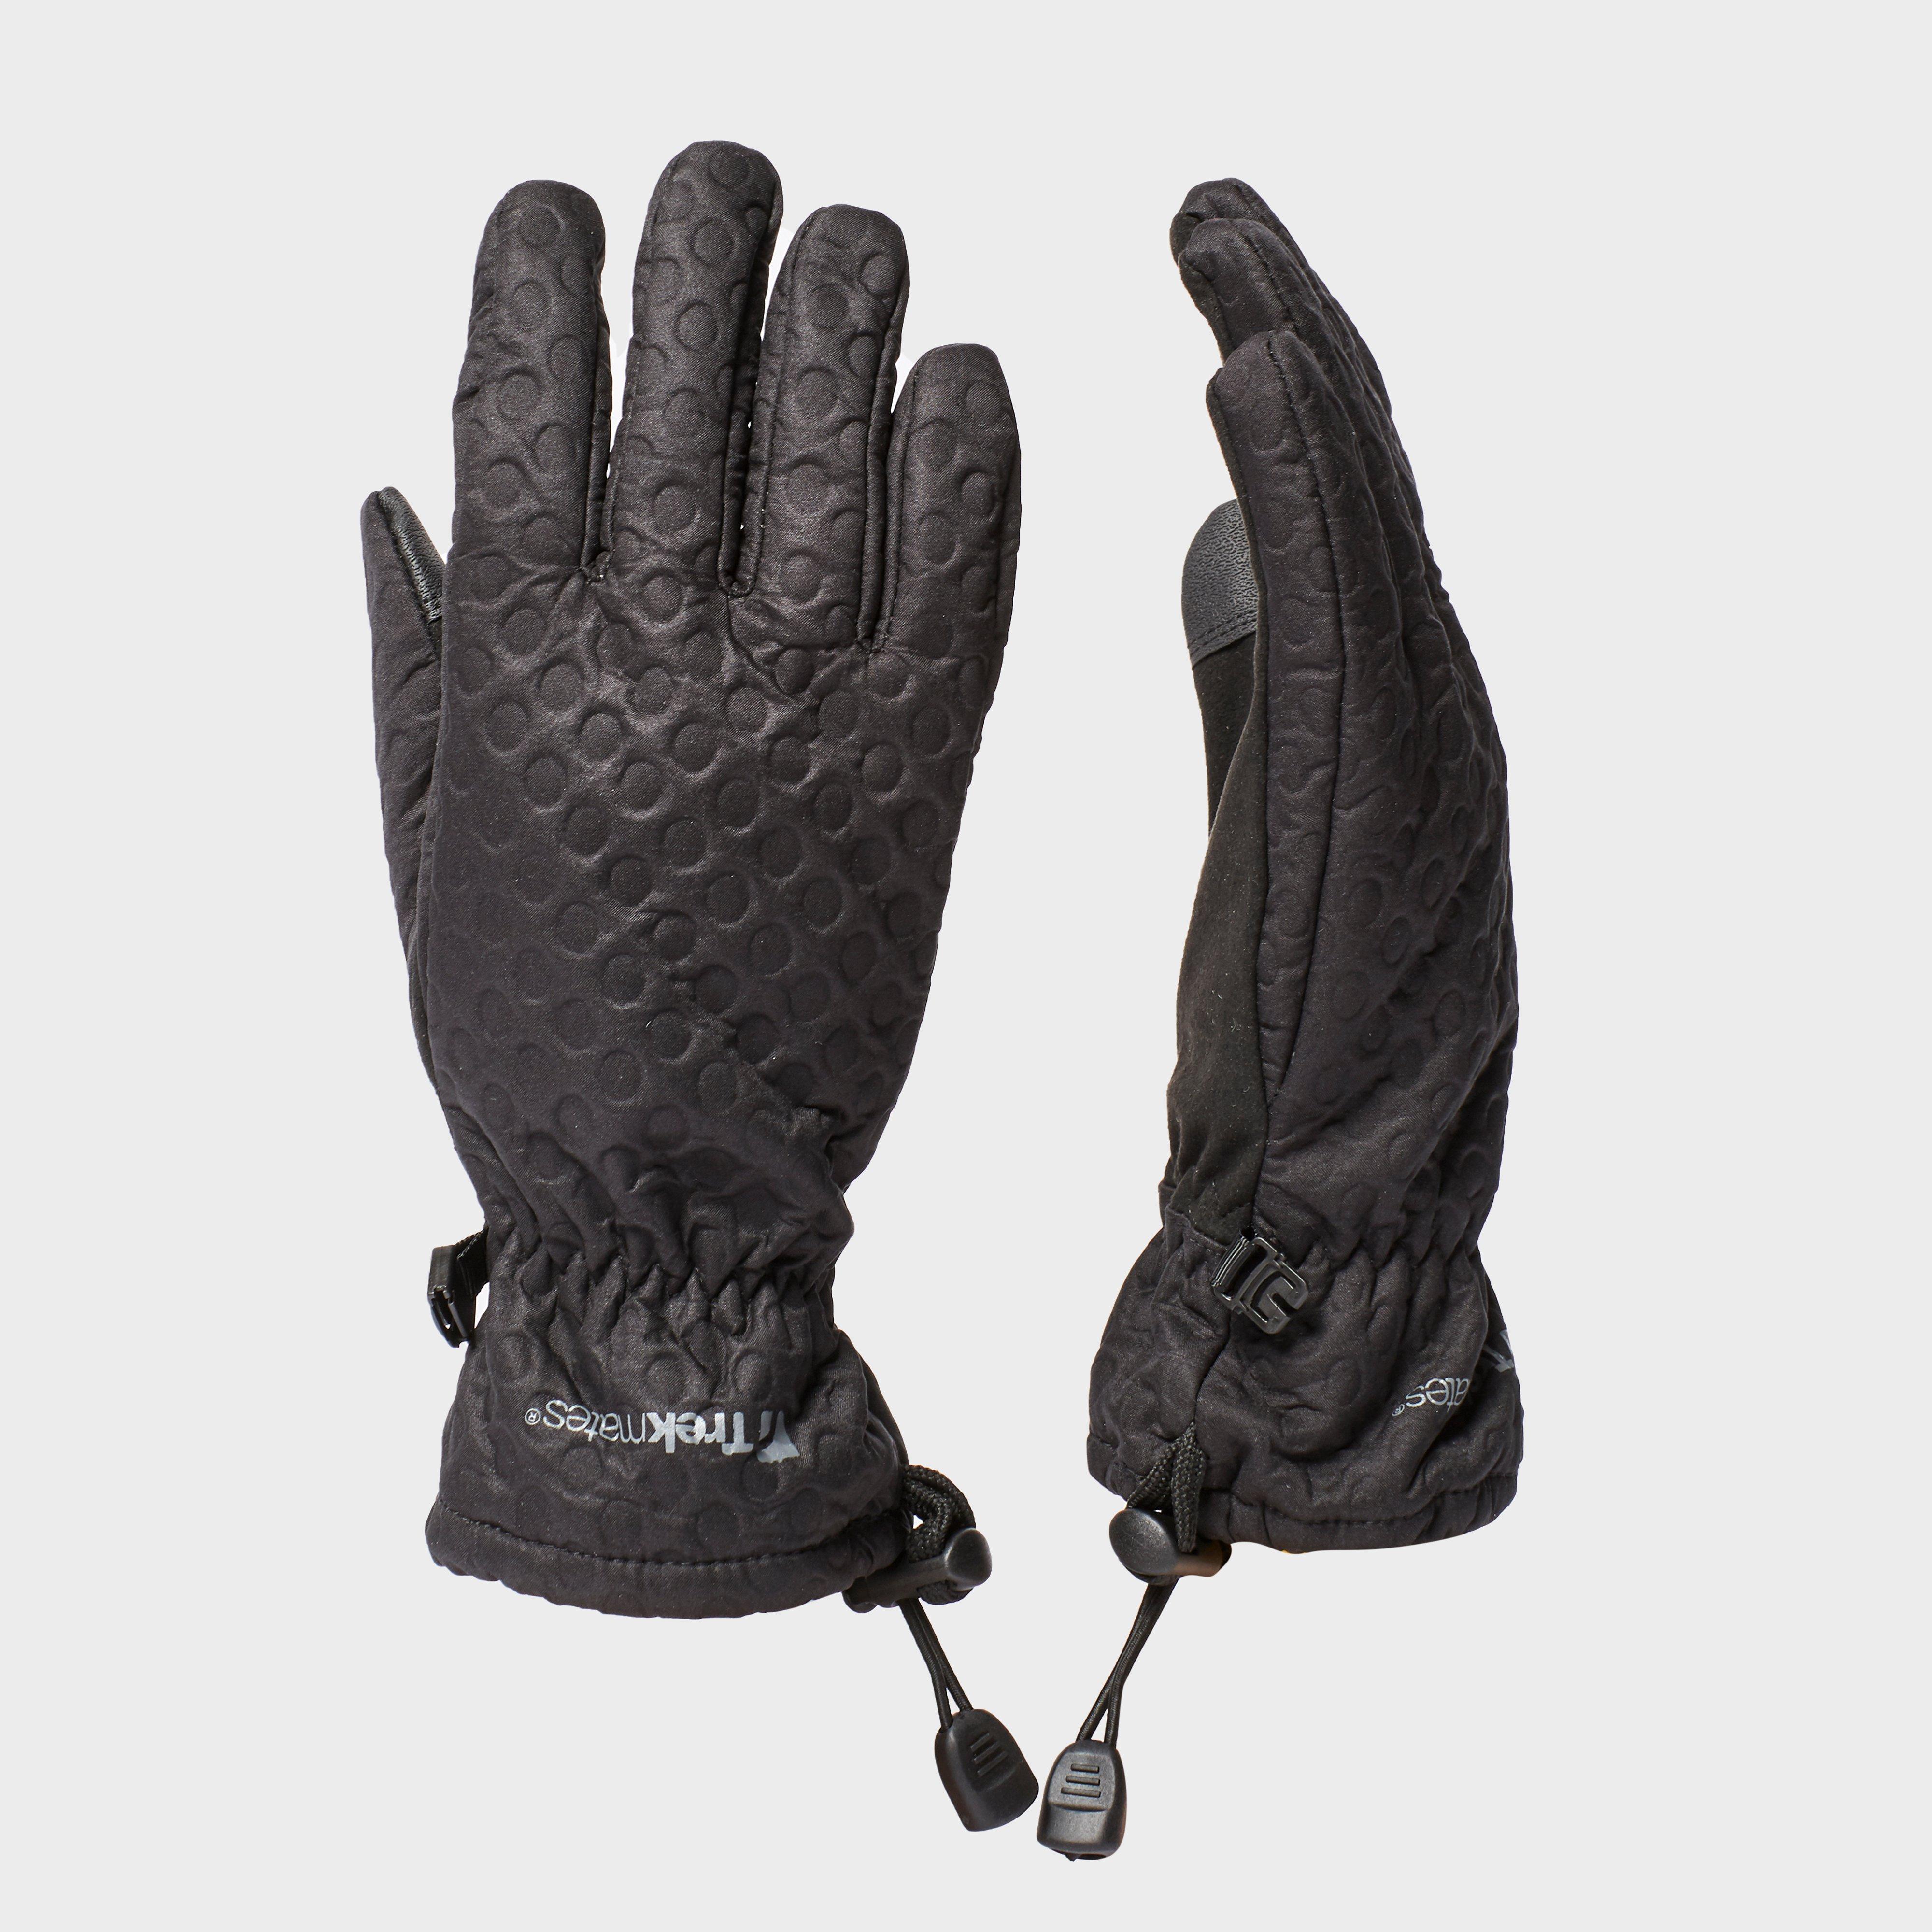 Trekmates Trekmates Womens Keska Softshell Glove - Black, Black